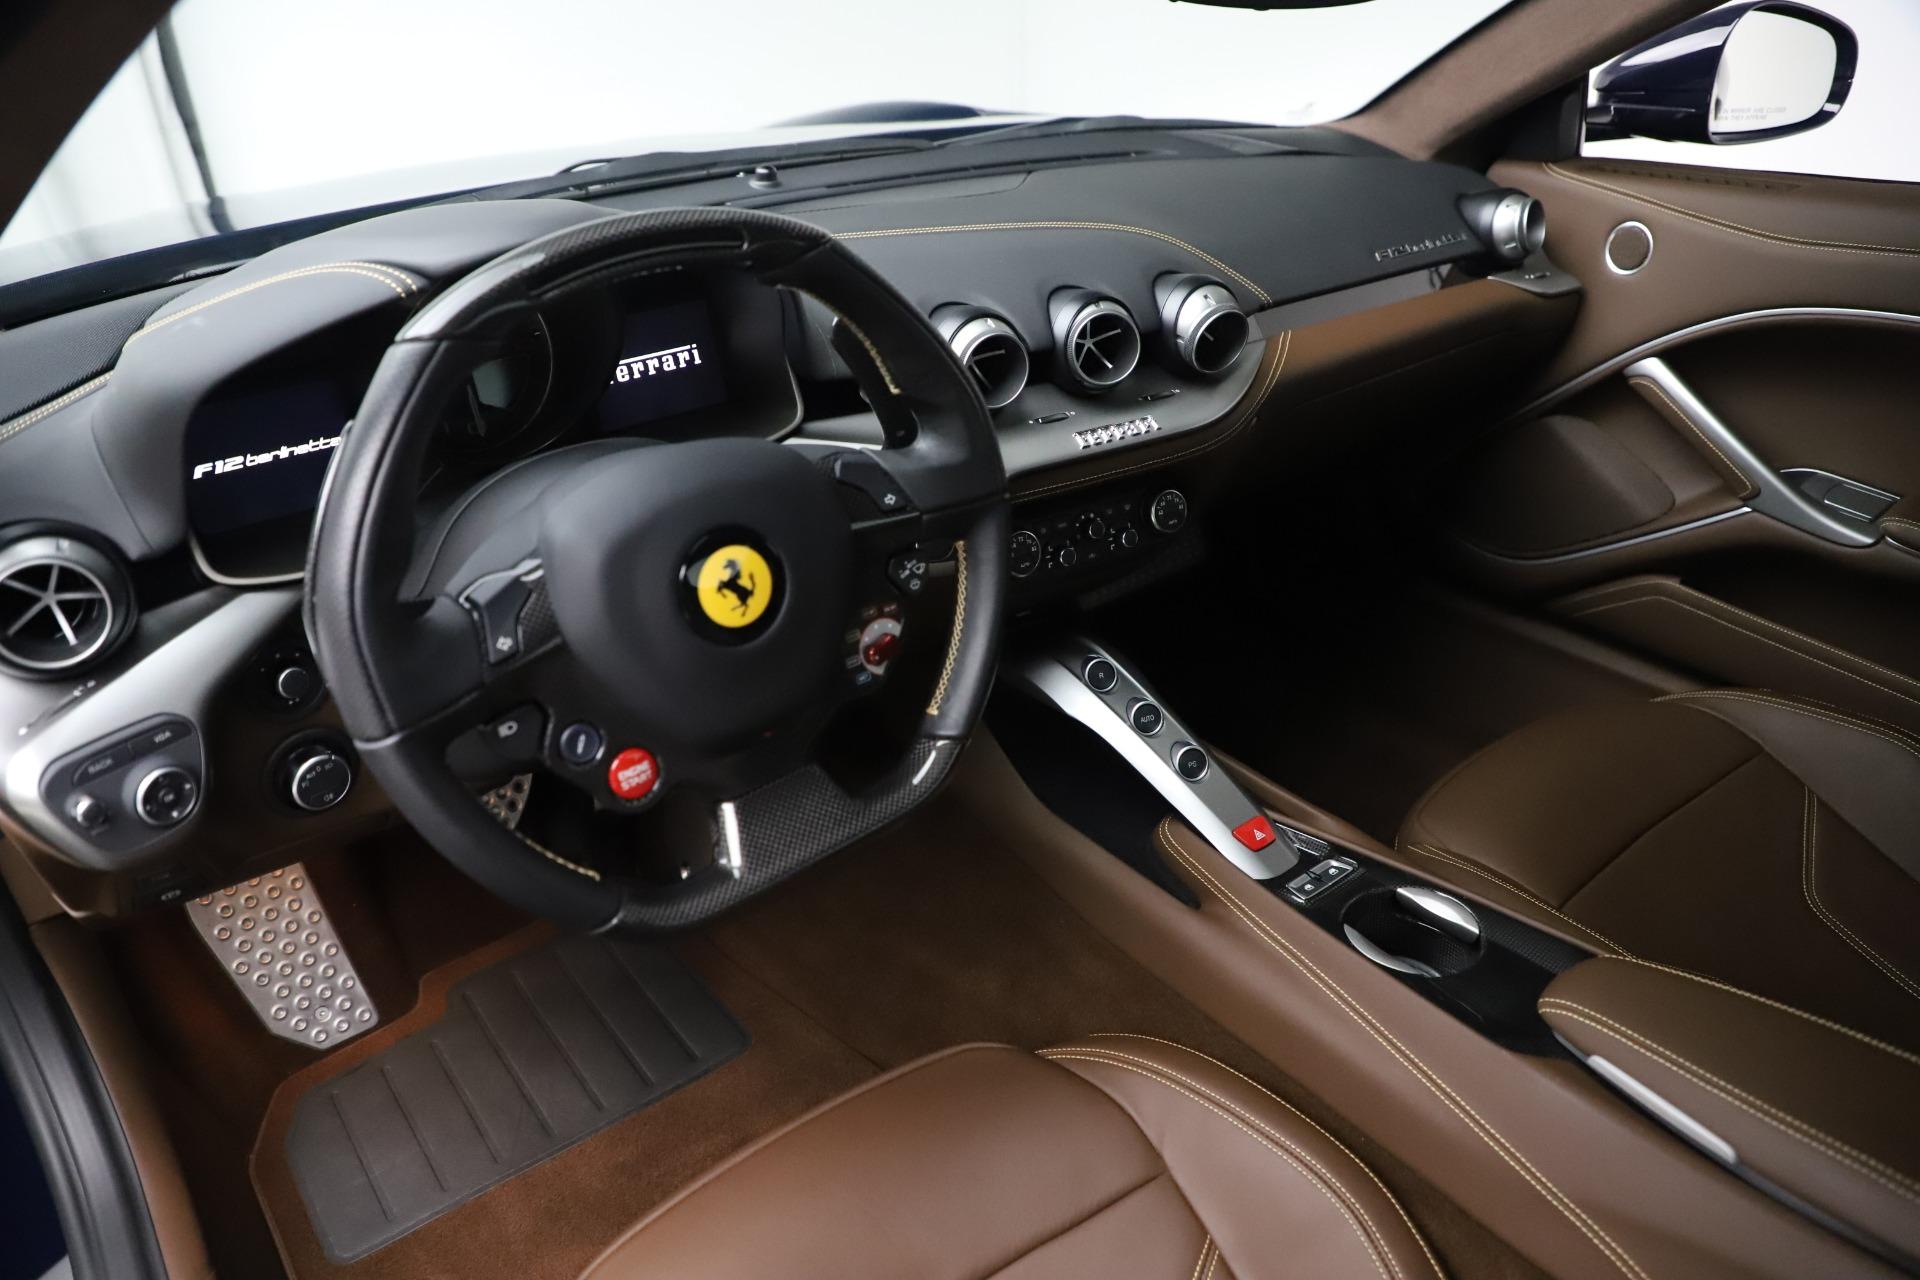 Used 2017 Ferrari F12 Berlinetta  For Sale In Greenwich, CT 3563_p13